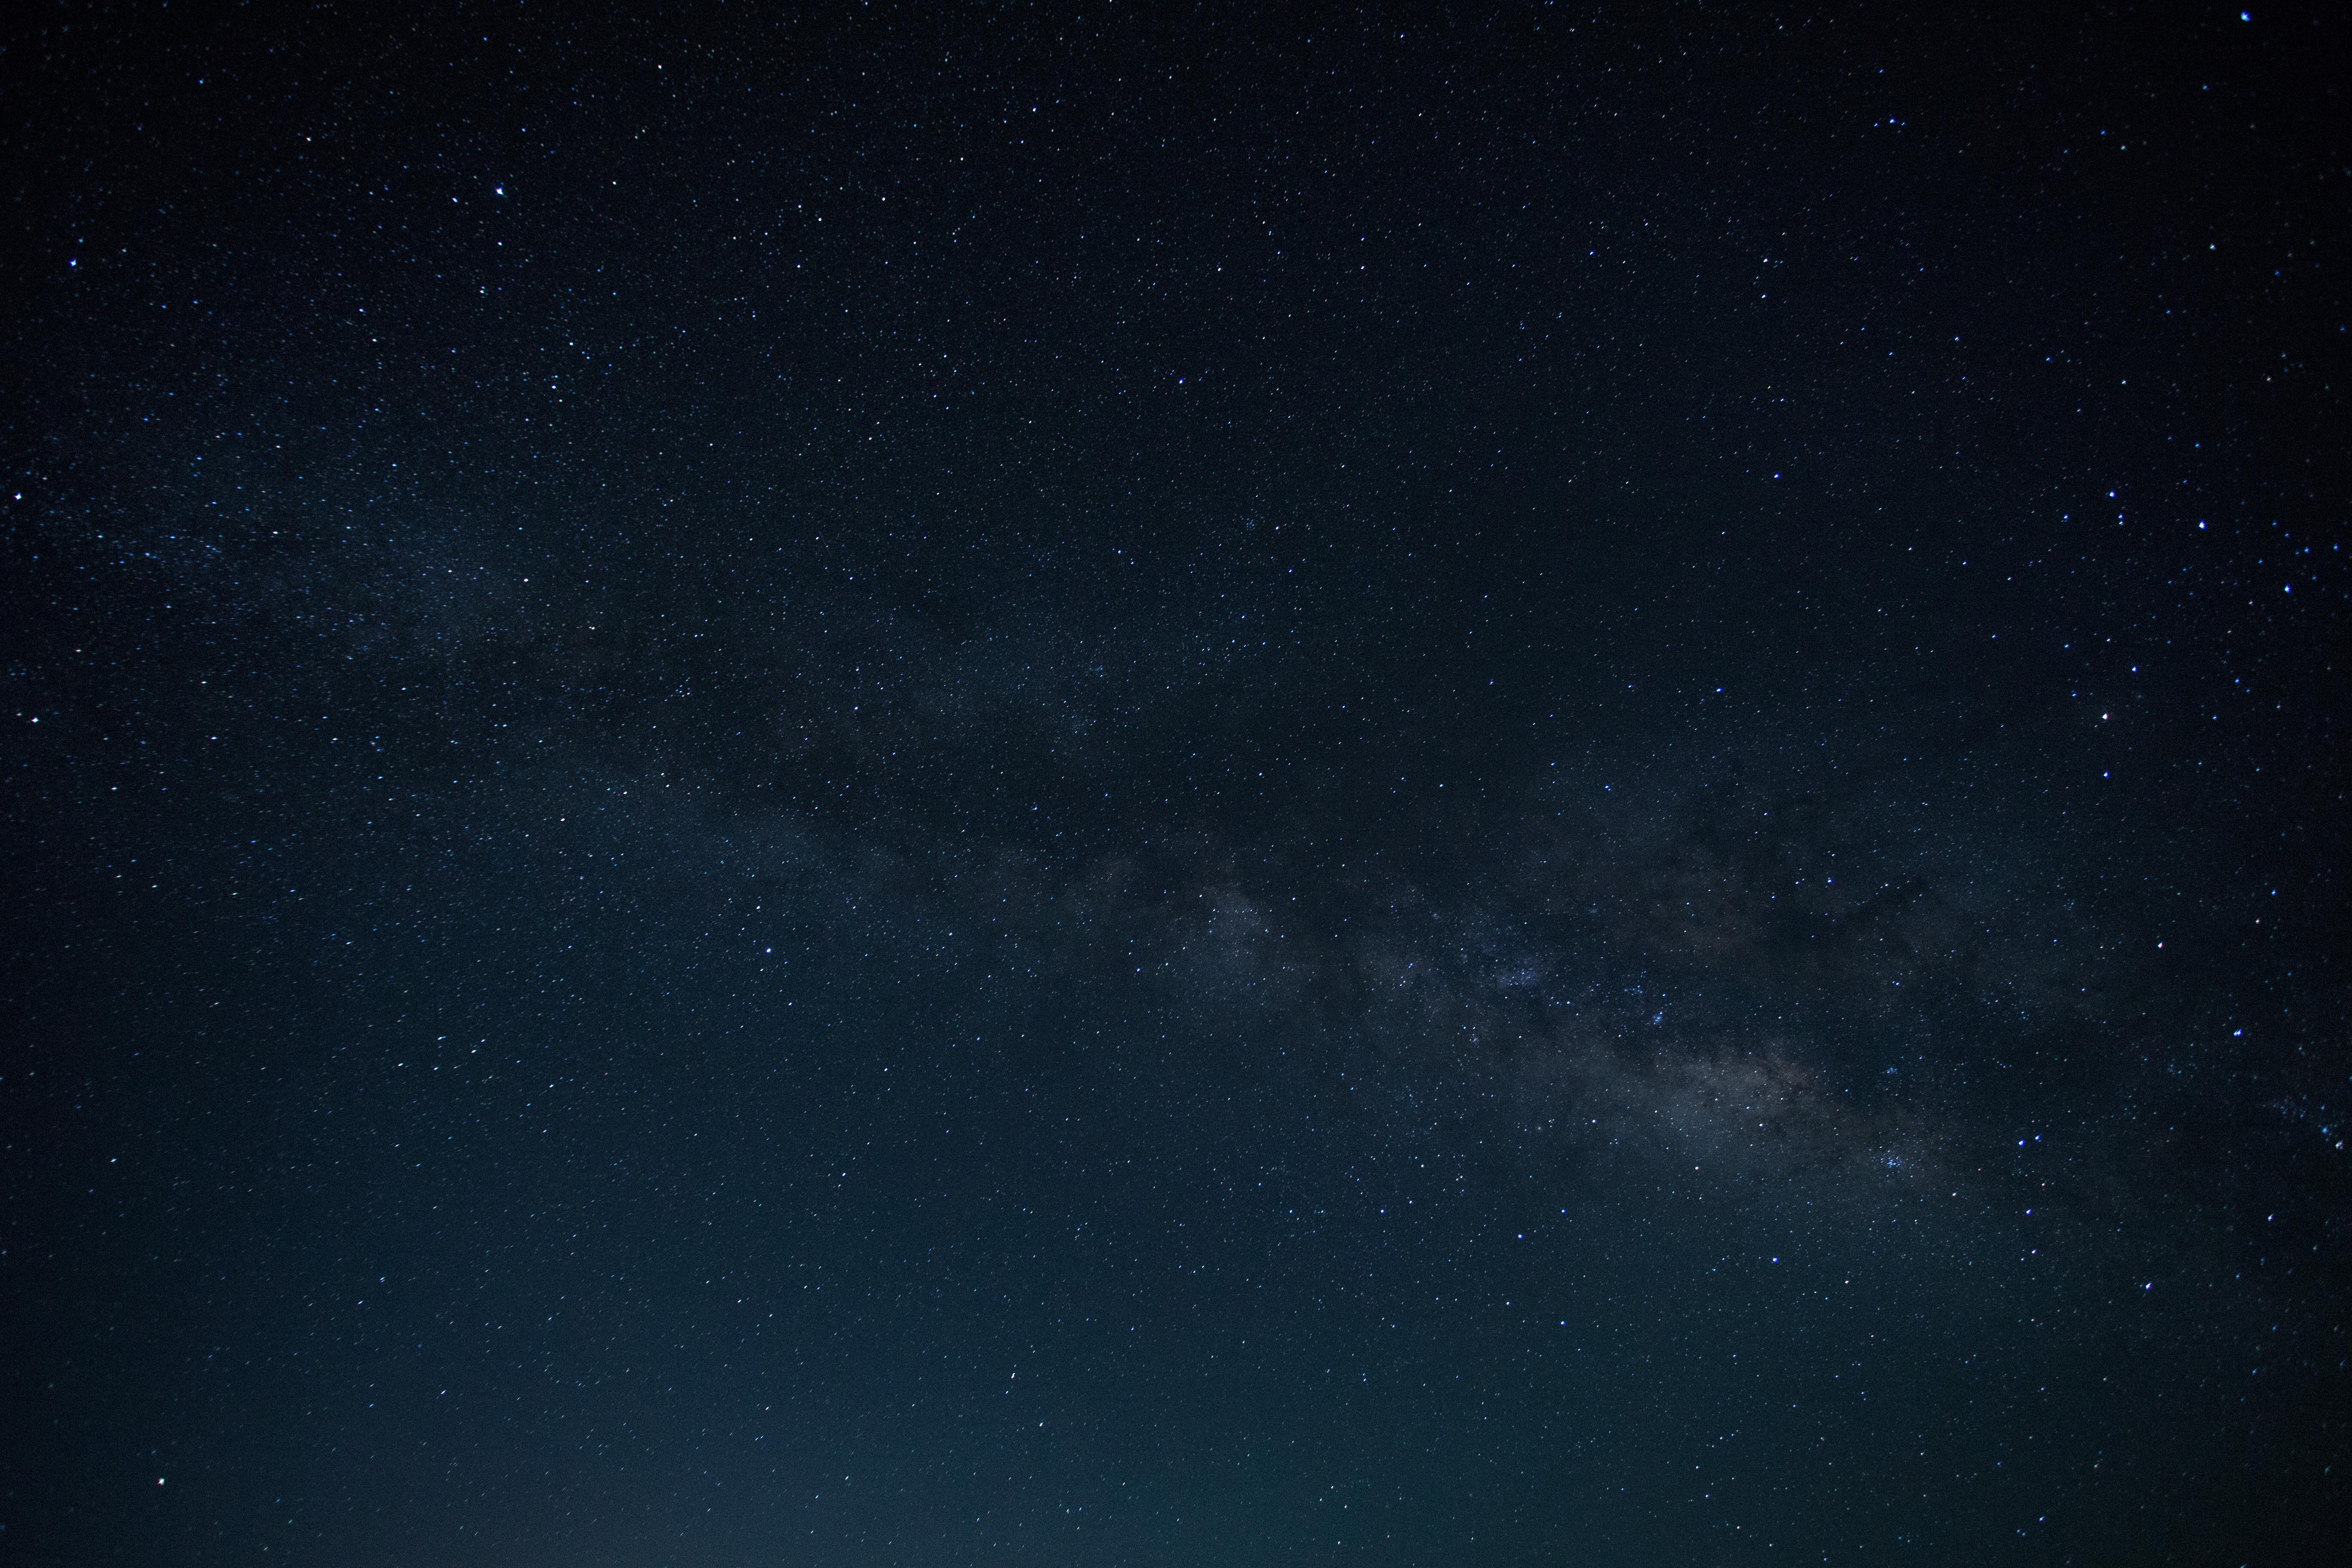 Free Images : Glowing, Sky, Night, Star, Atmosphere, Dark